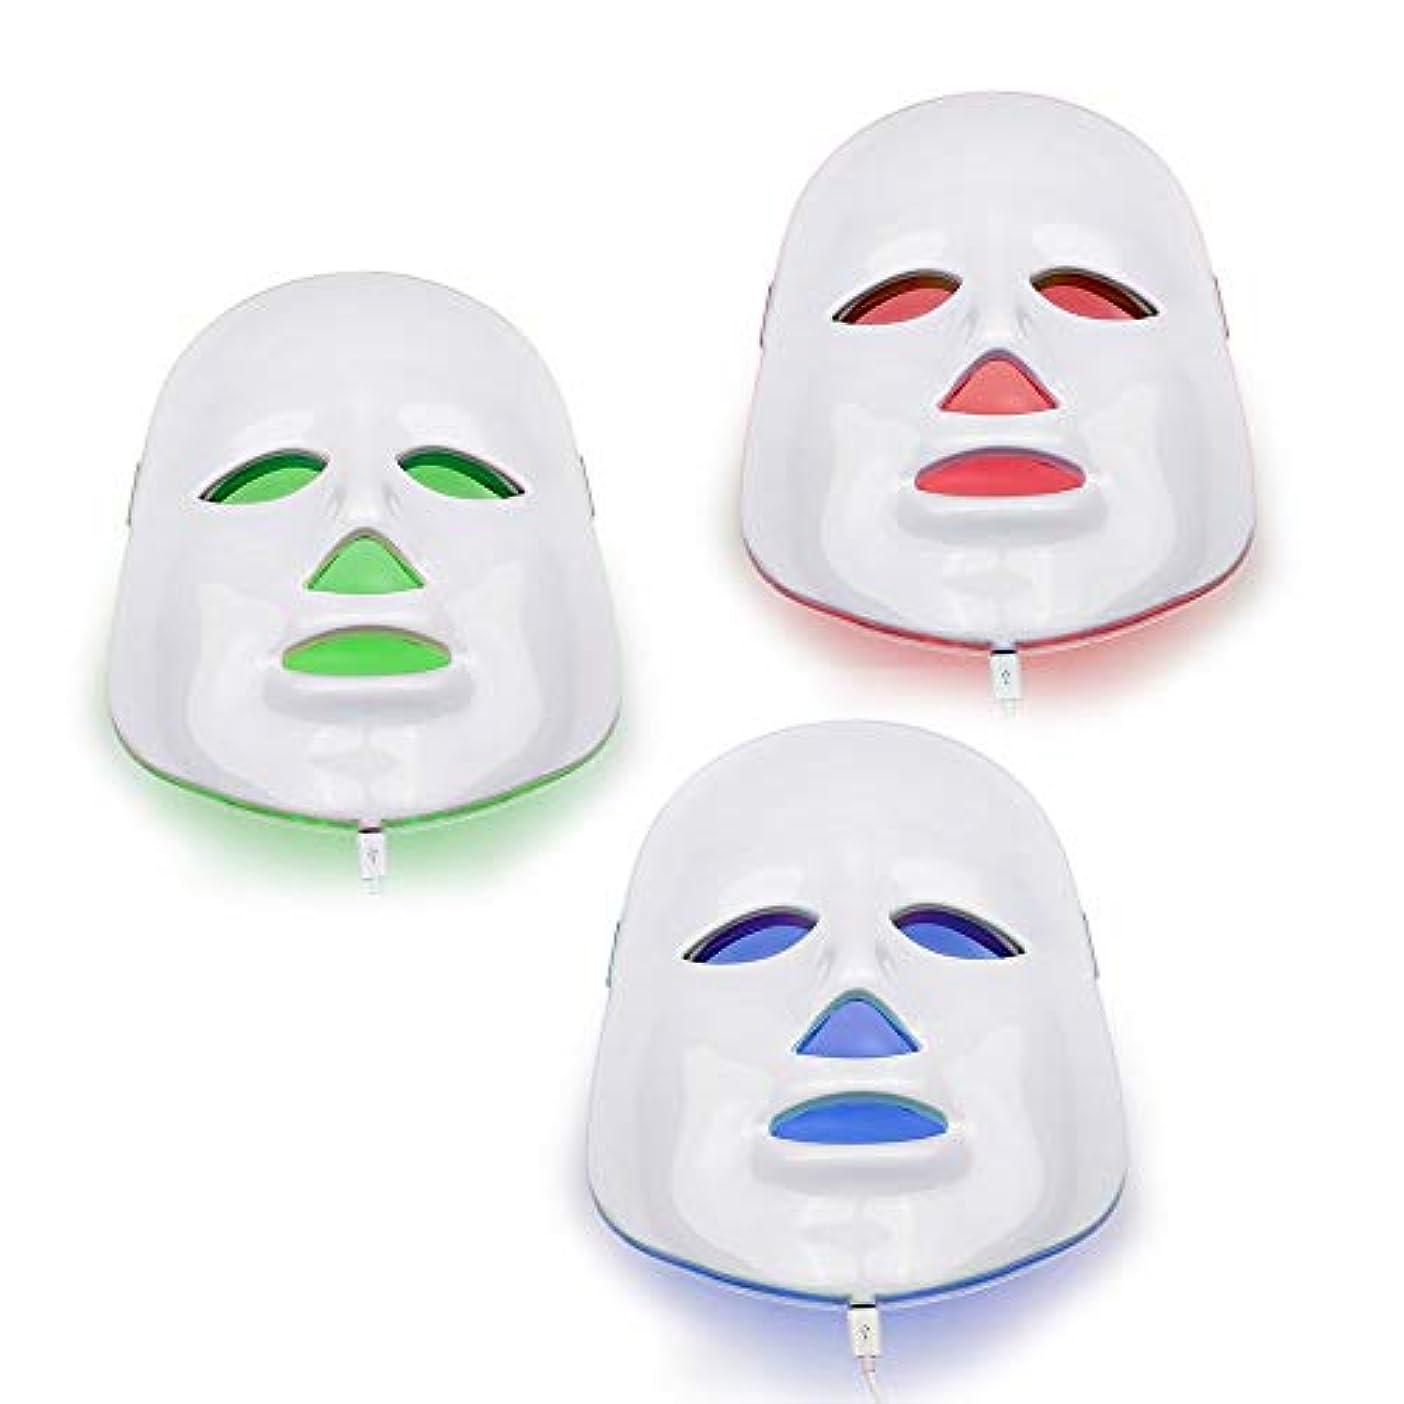 臨検キャンドルインタビューNORLANYA BEAUTY EQUIPMENT マスク顔光線療法フェイシャルスキンケアマスカラは皮膚 調色しわ除去 用 光を主導主導しました